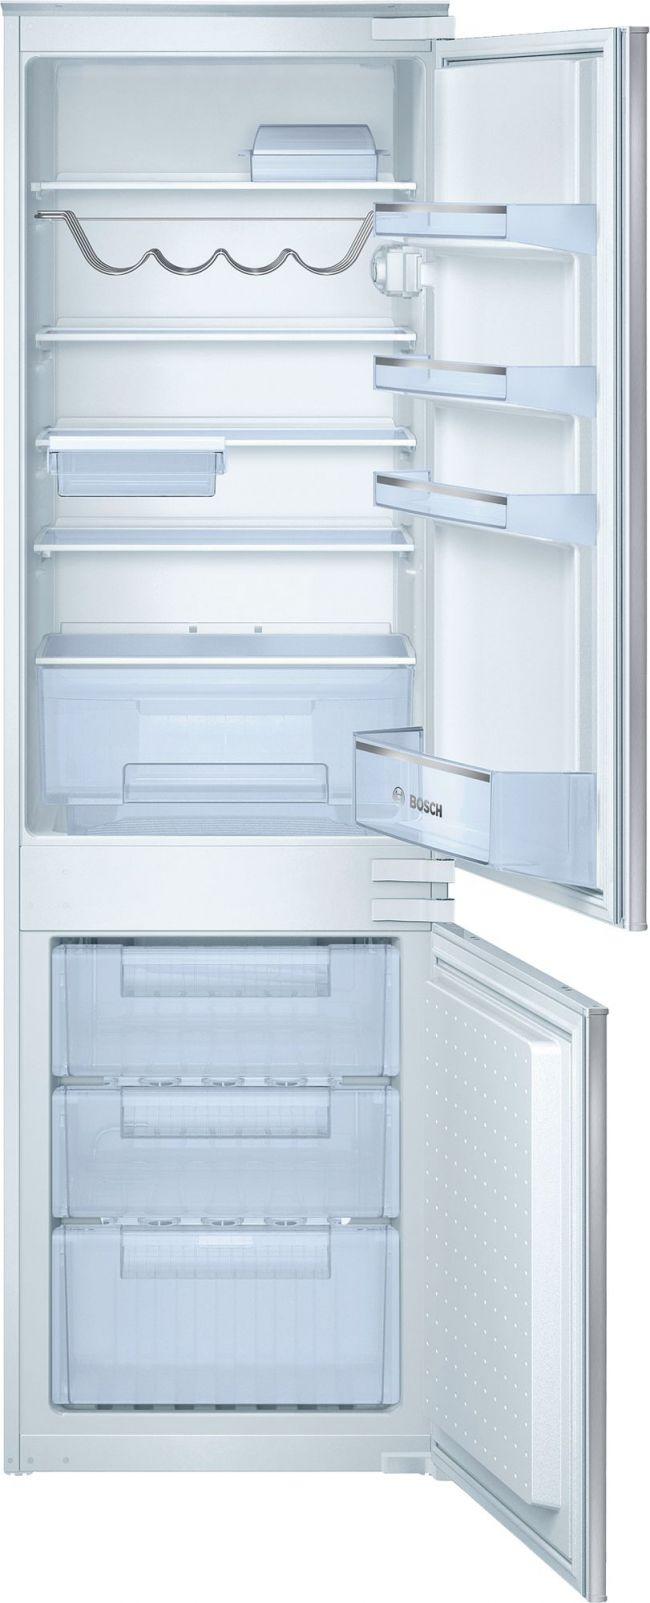 Хладилник за вграждане Bosch KIV34X20